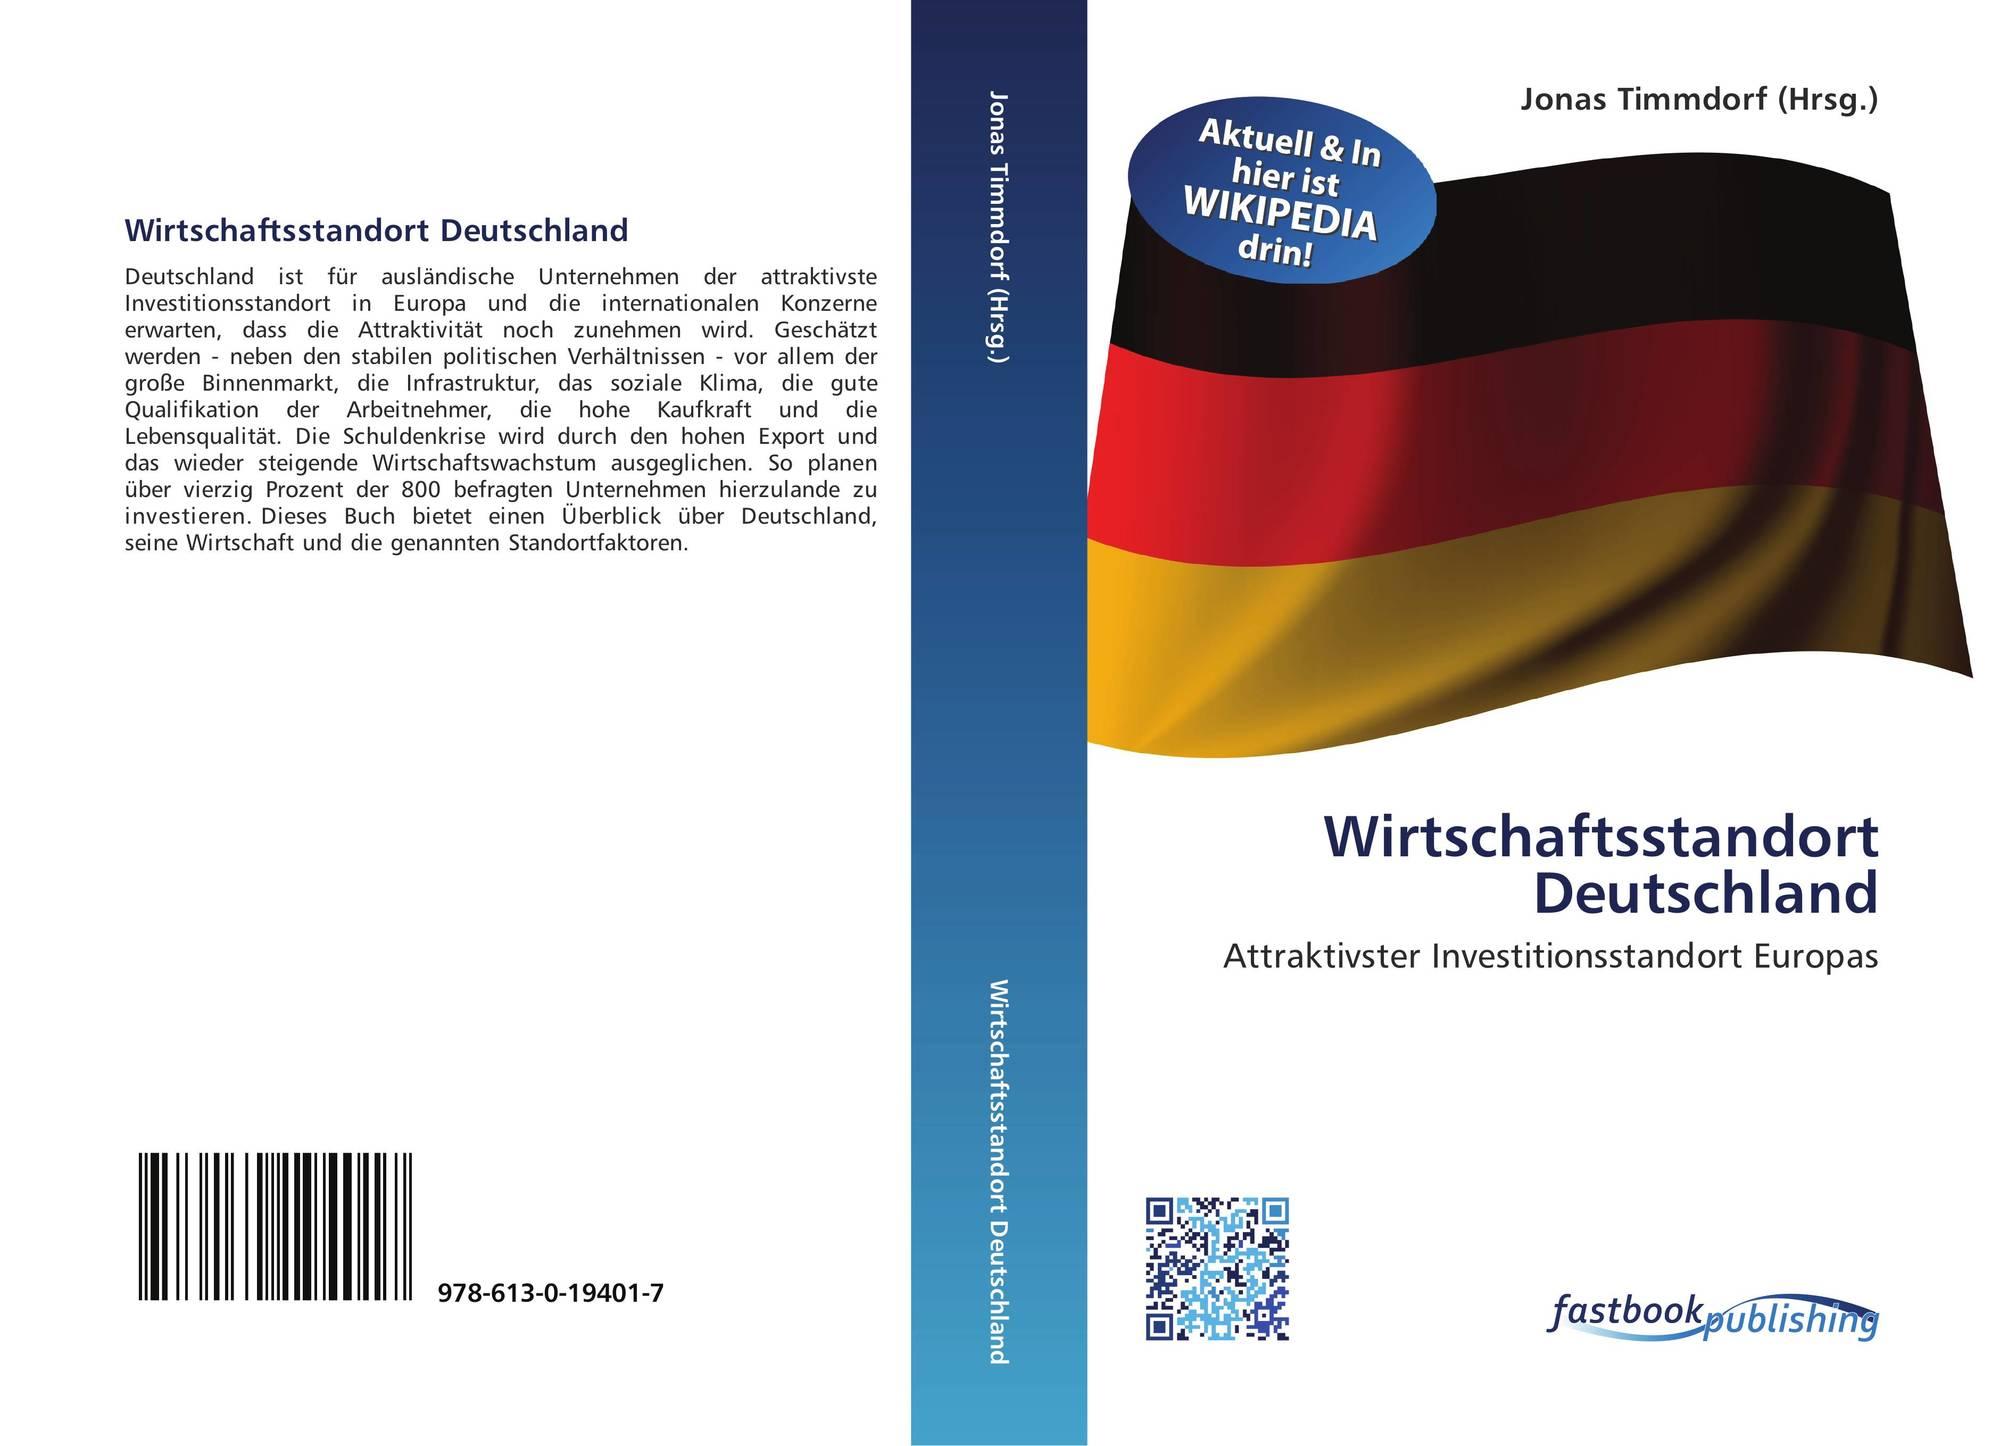 Wirtschaftsstandort Deutschland